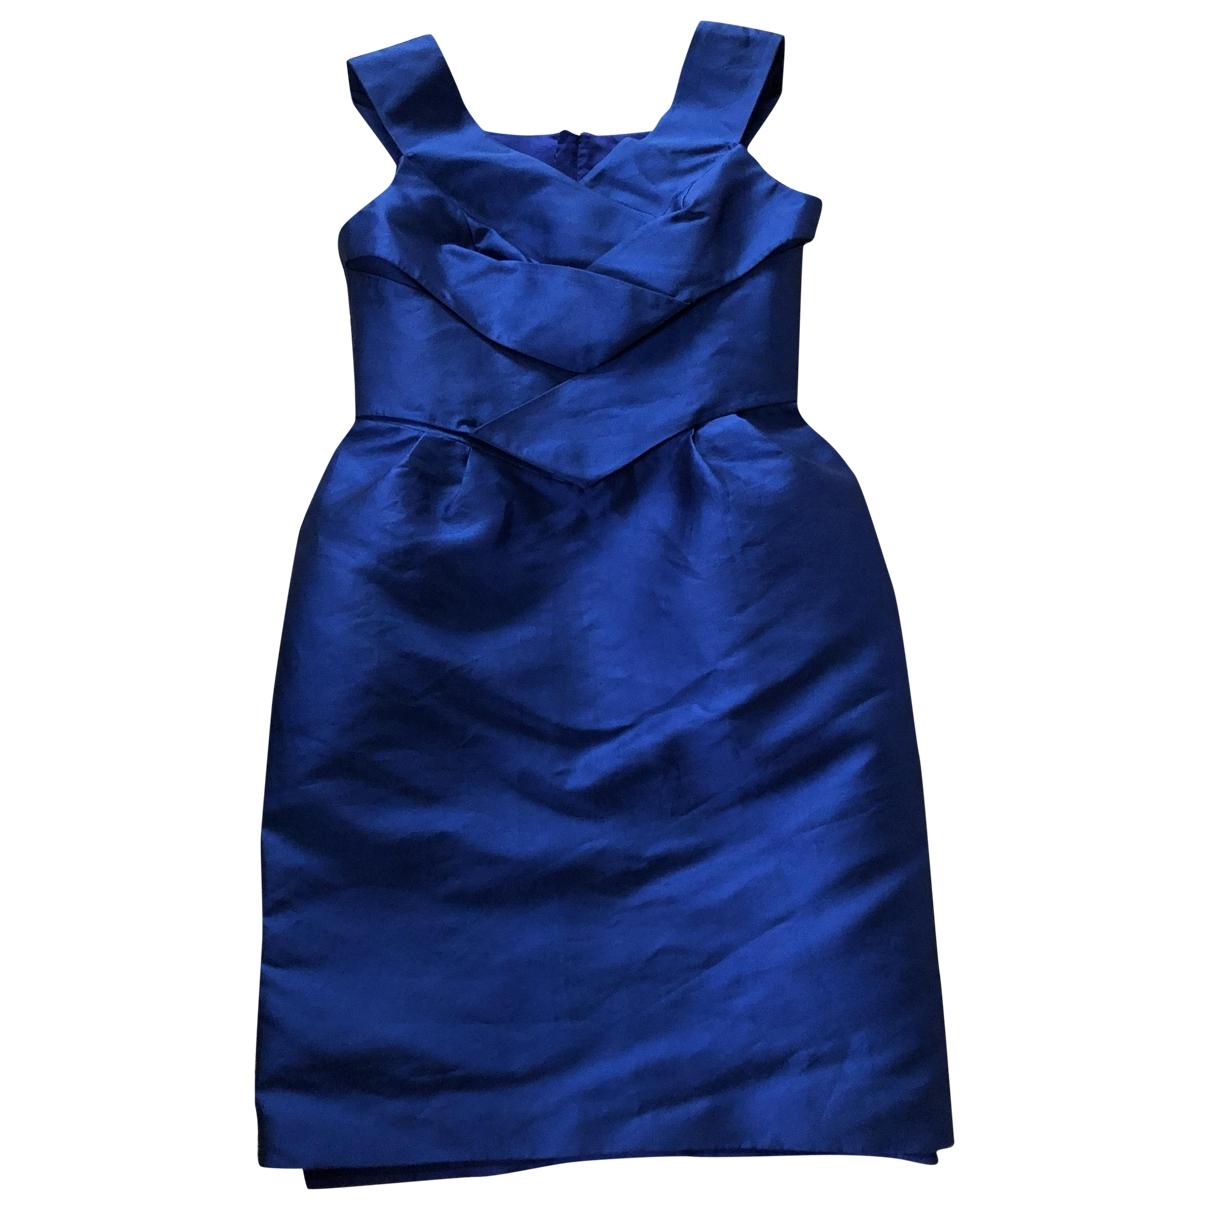 Dice Kayek \N Kleid in  Blau Polyester